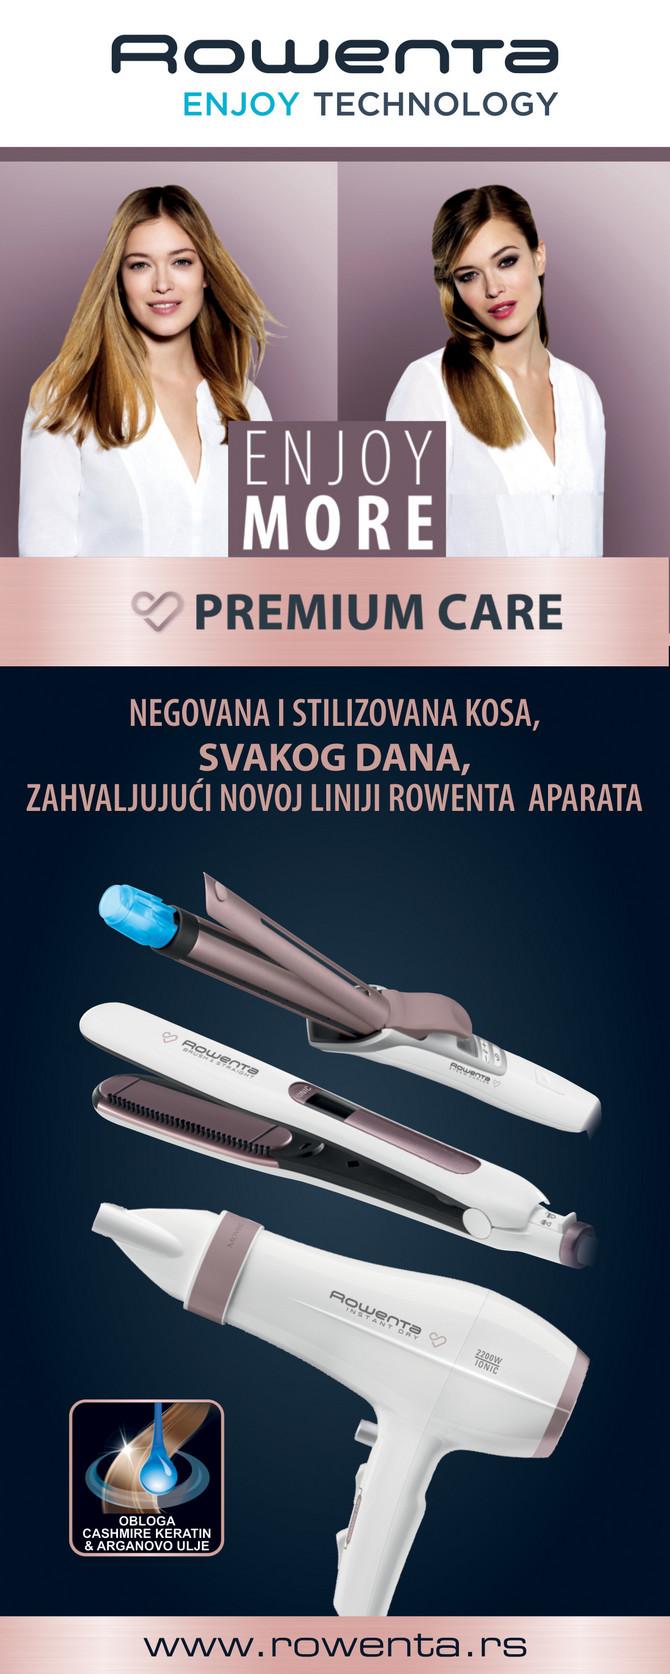 Uz Rowenta Premium Care liniju proizvoda profesionalni rezultati su zagarantovani